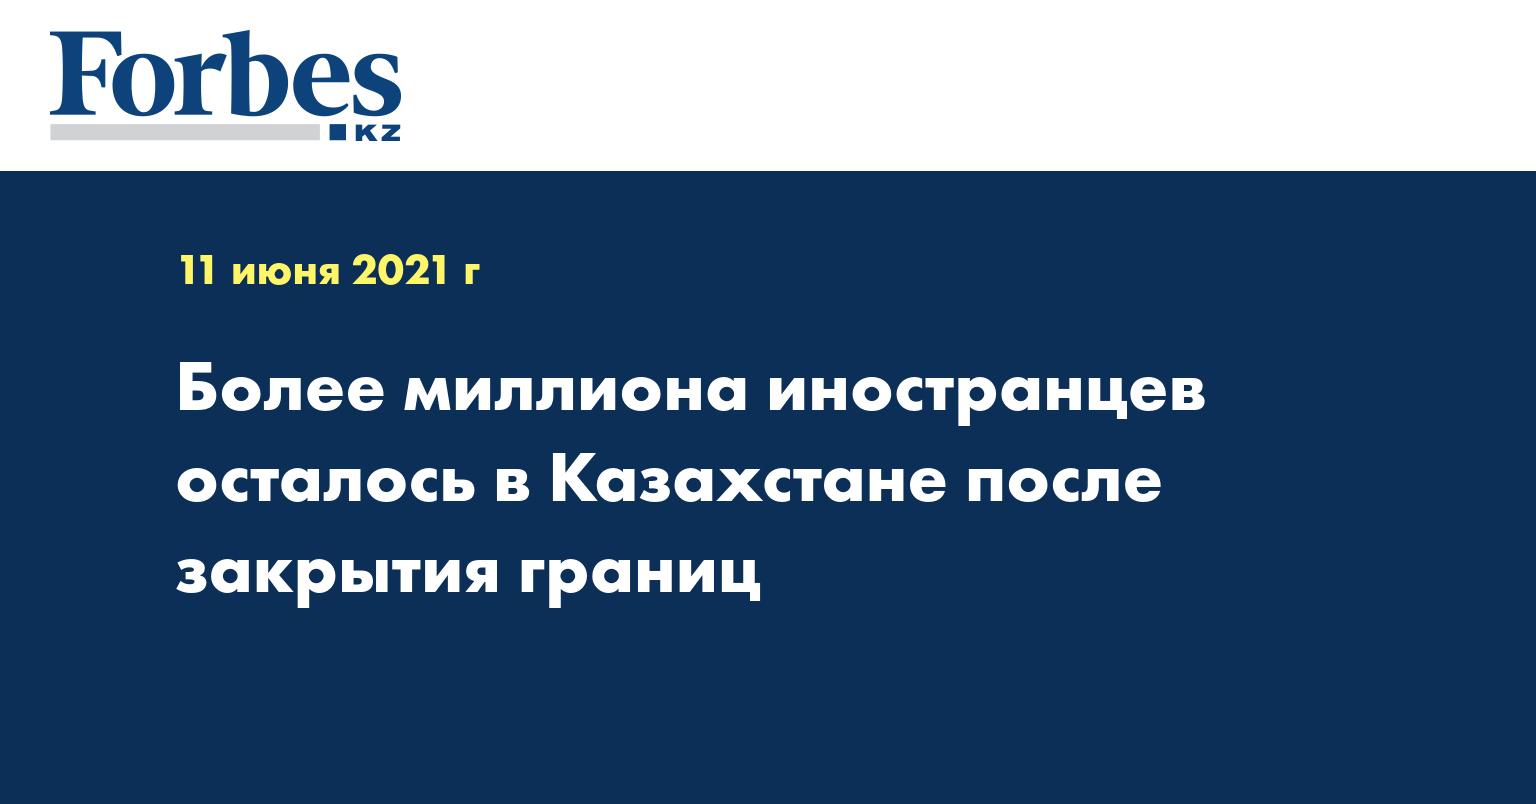 Более миллиона иностранцев осталось в Казахстане после закрытия границ